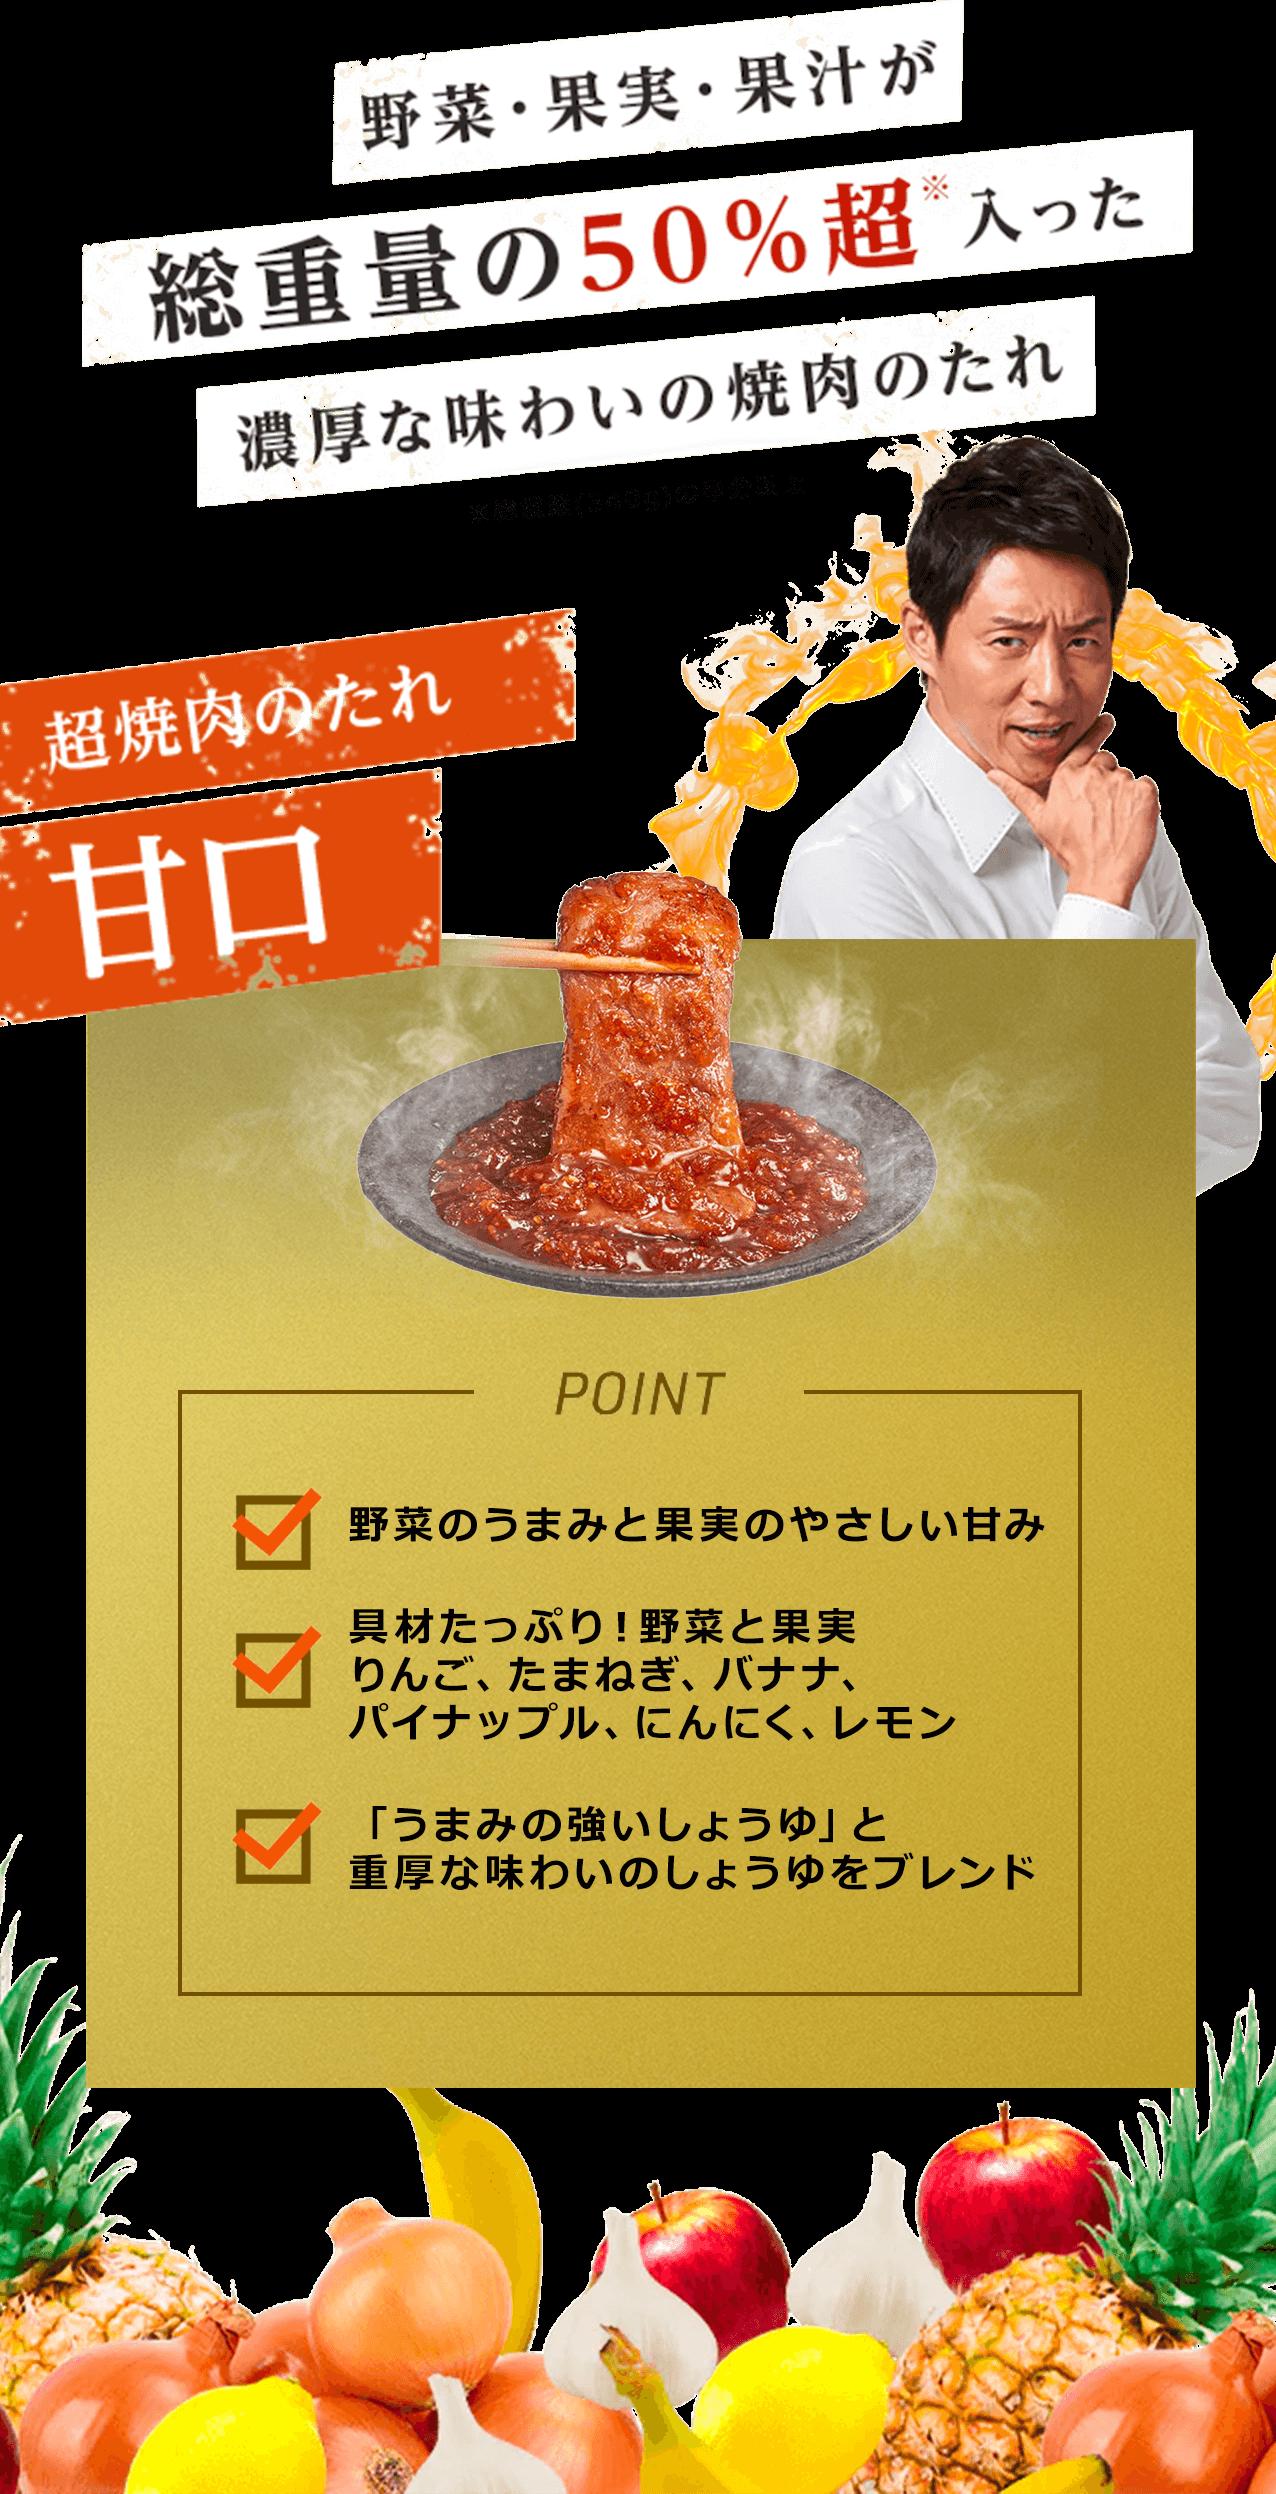 野菜・果実・果汁が総重量の50%超入った濃厚な味わいの焼肉のたれ